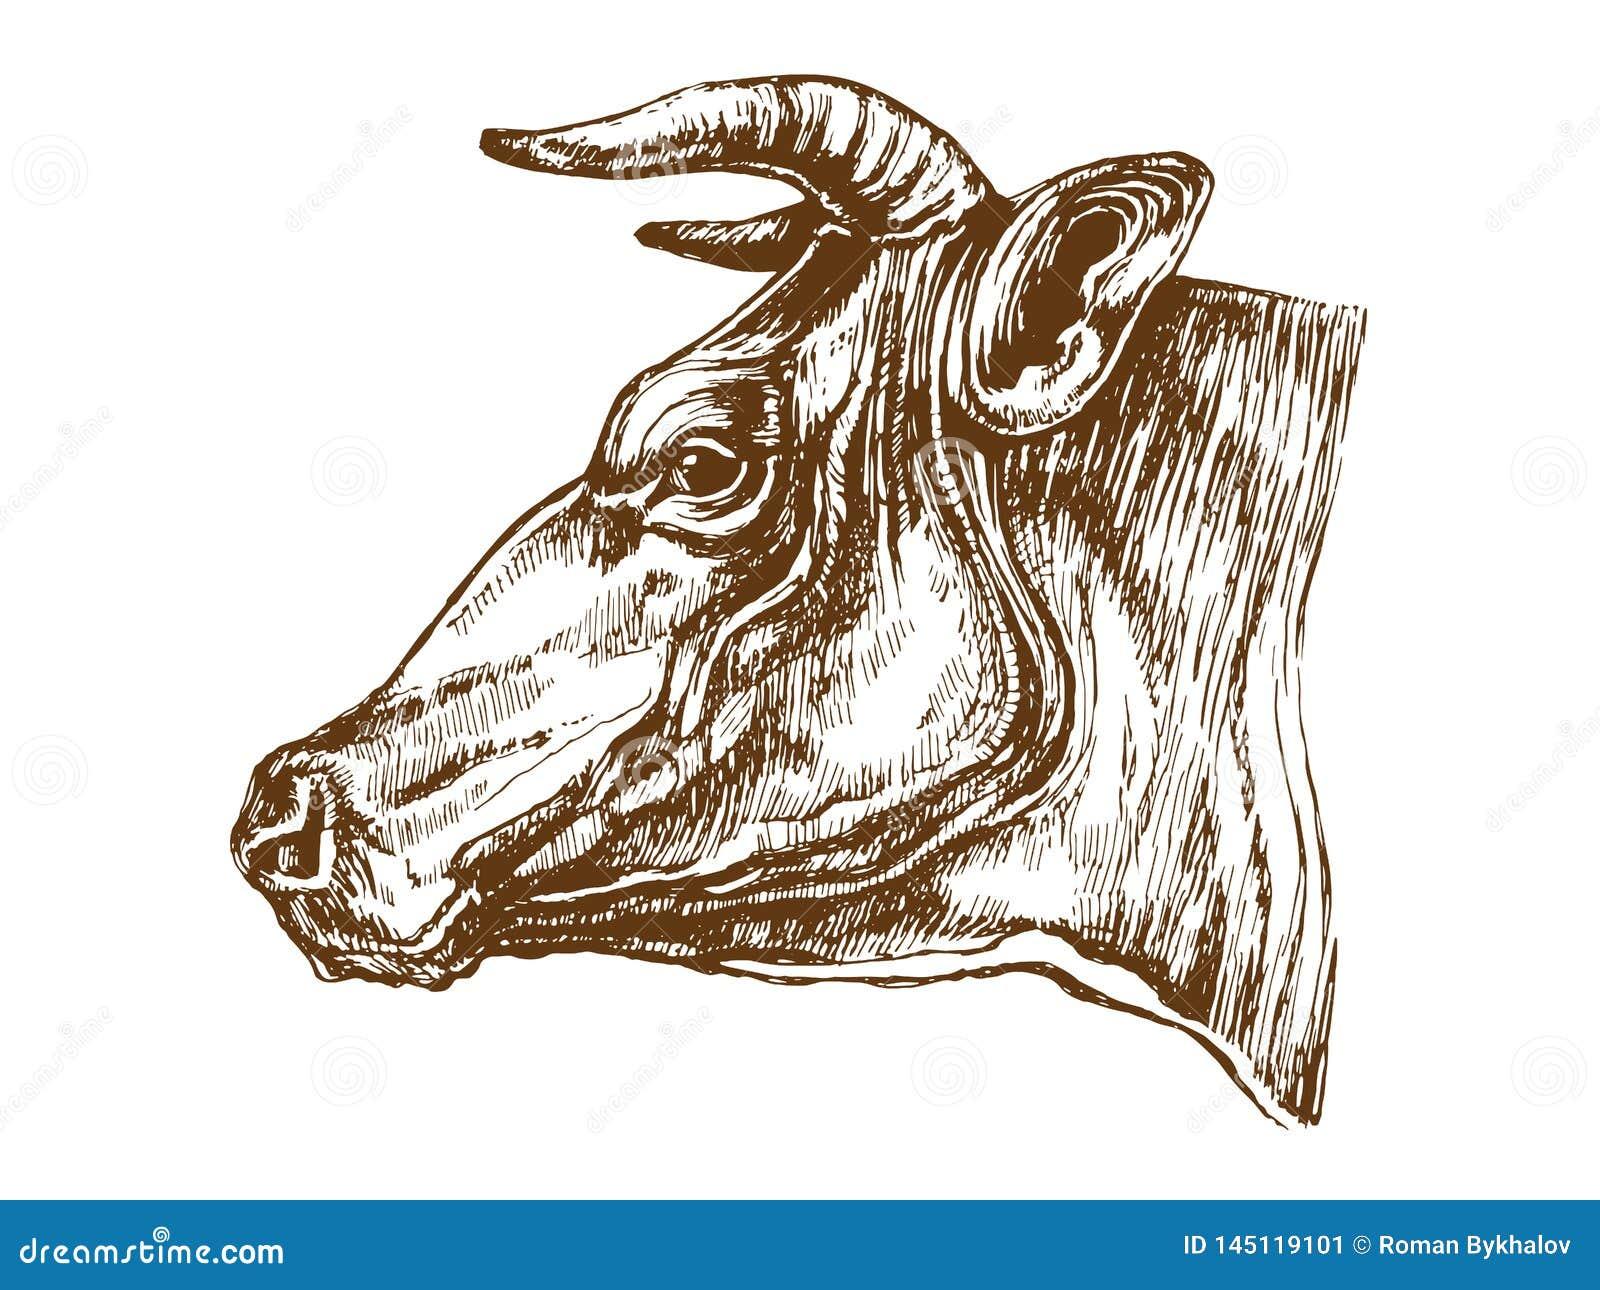 Cow head profile sketch